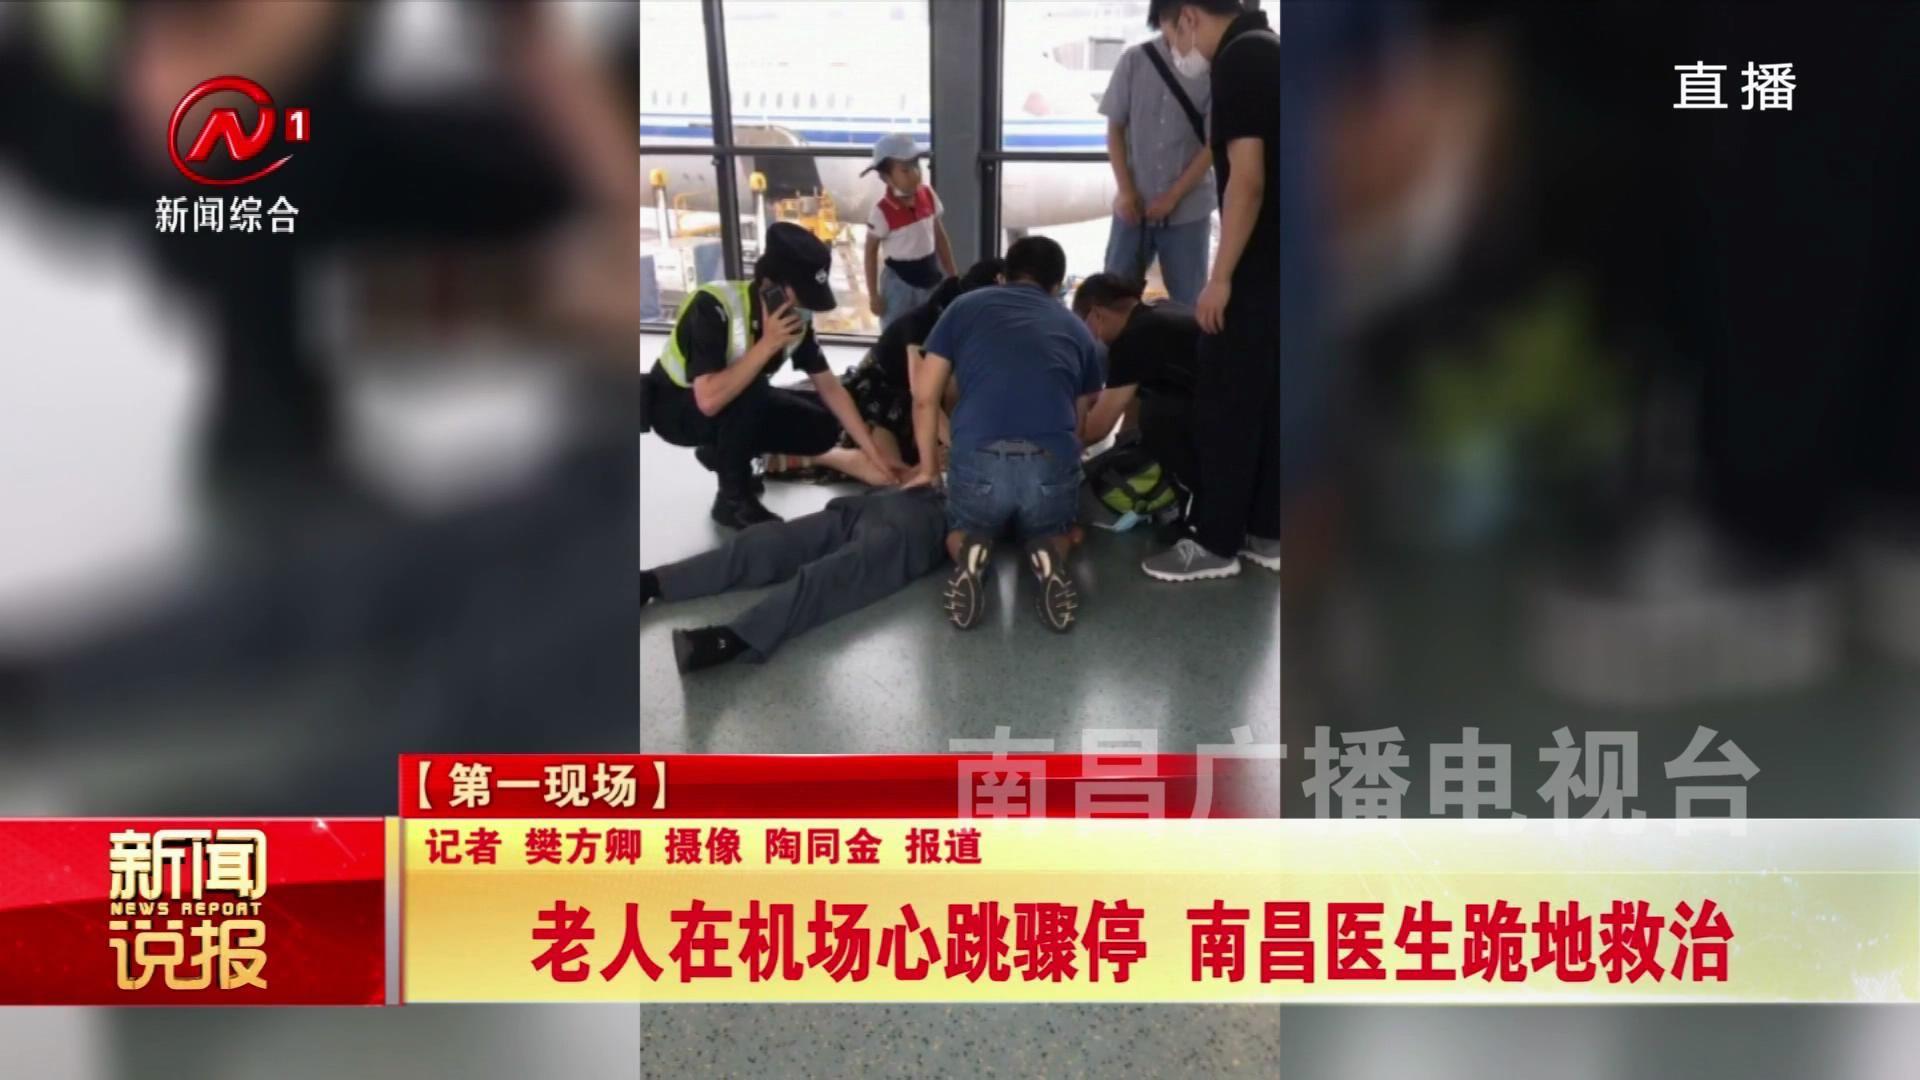 老人在机场心跳骤停 南昌医生跪地救治